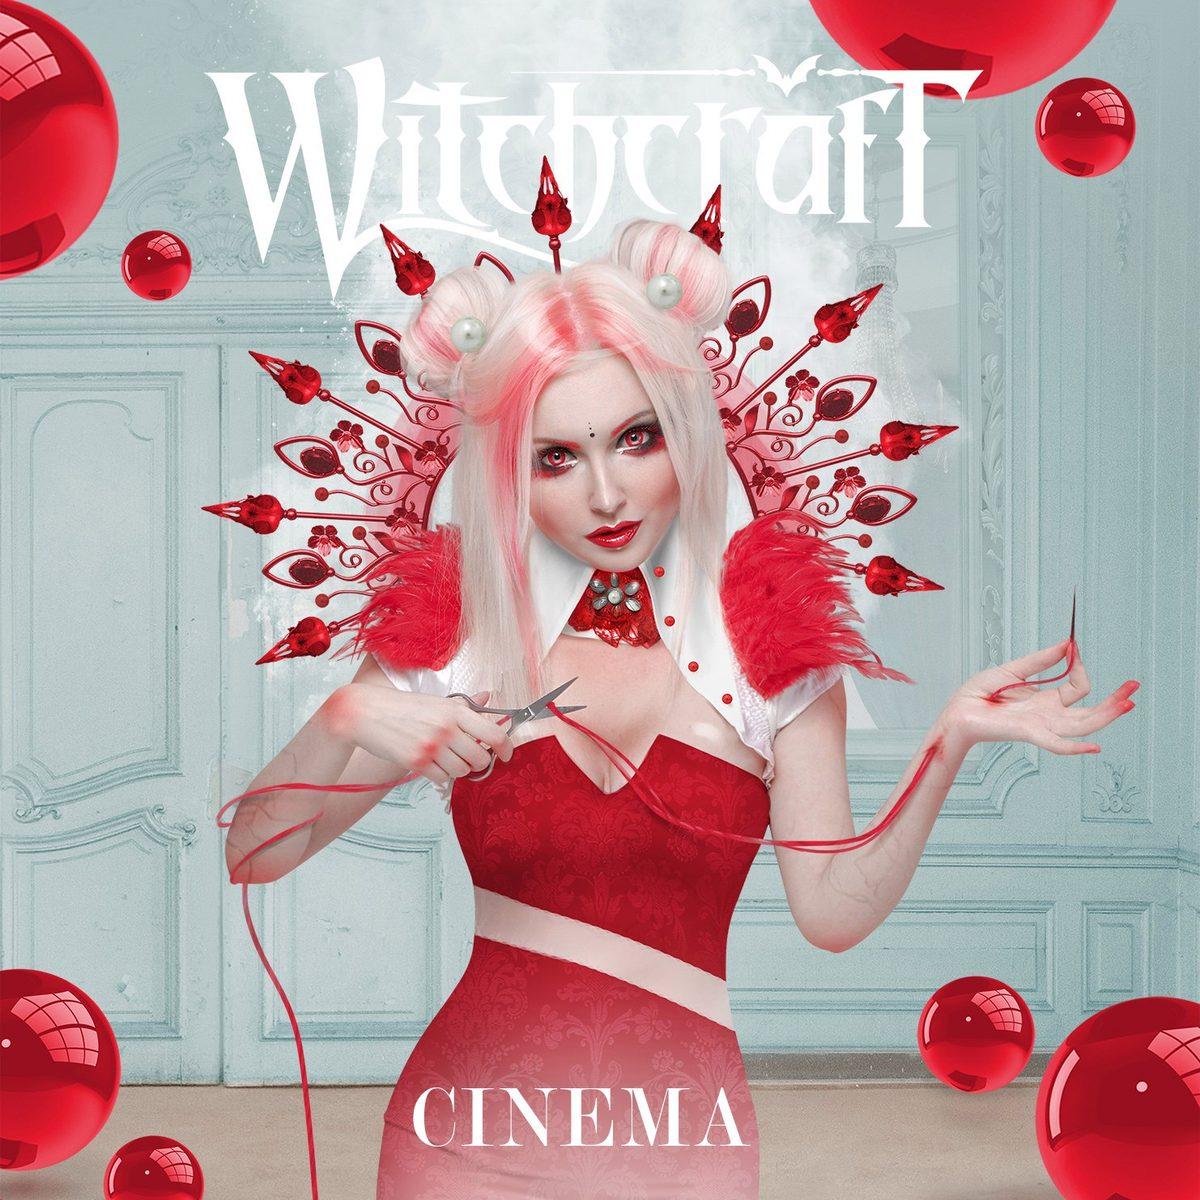 Witchcraft - Cinema